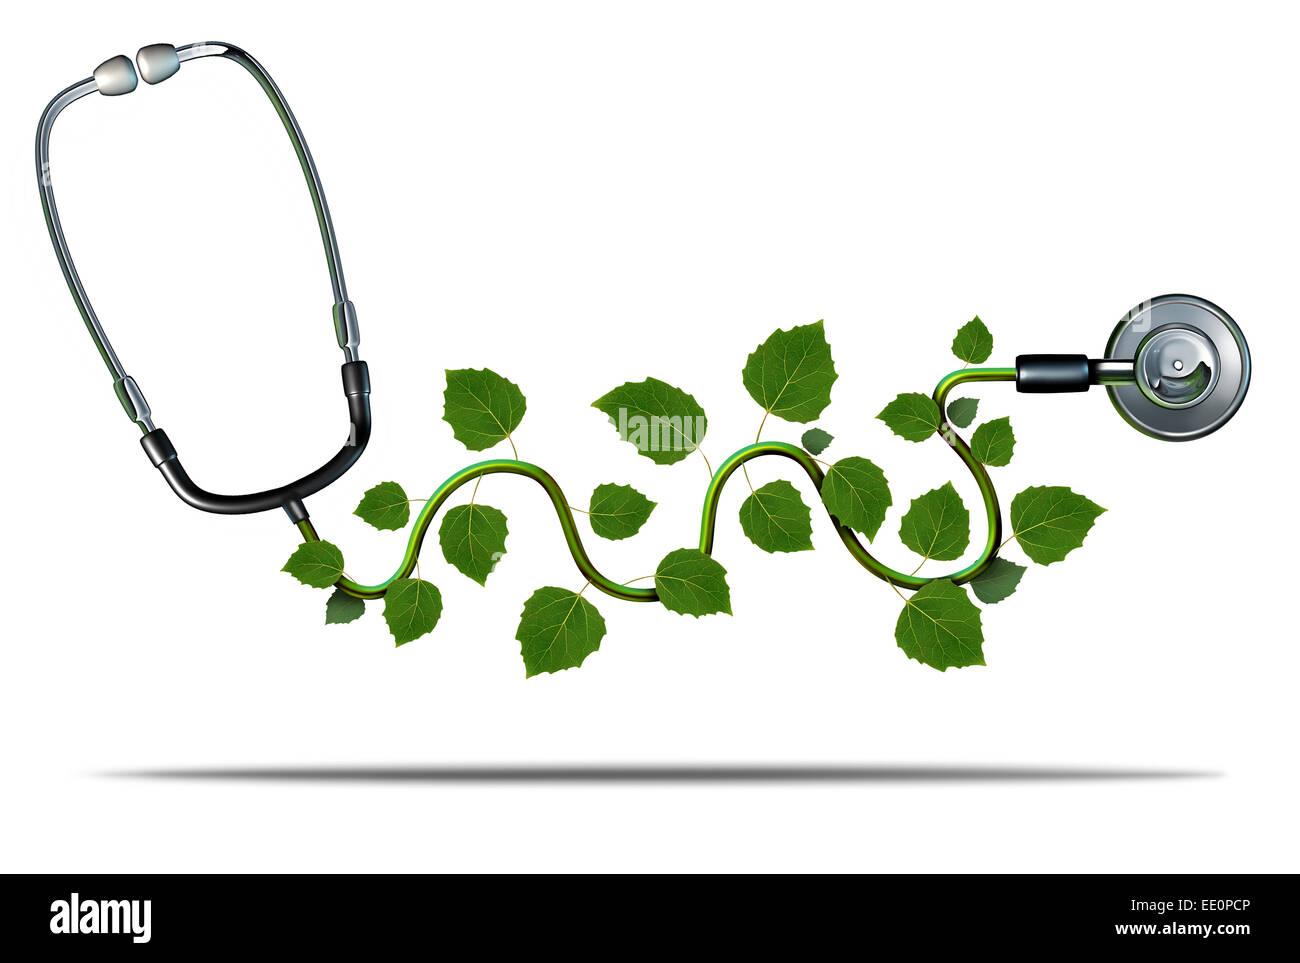 La medicina naturale e una terapia alternativa nozione come un medico stetoscopio con le foglie di piante che crescono Immagini Stock